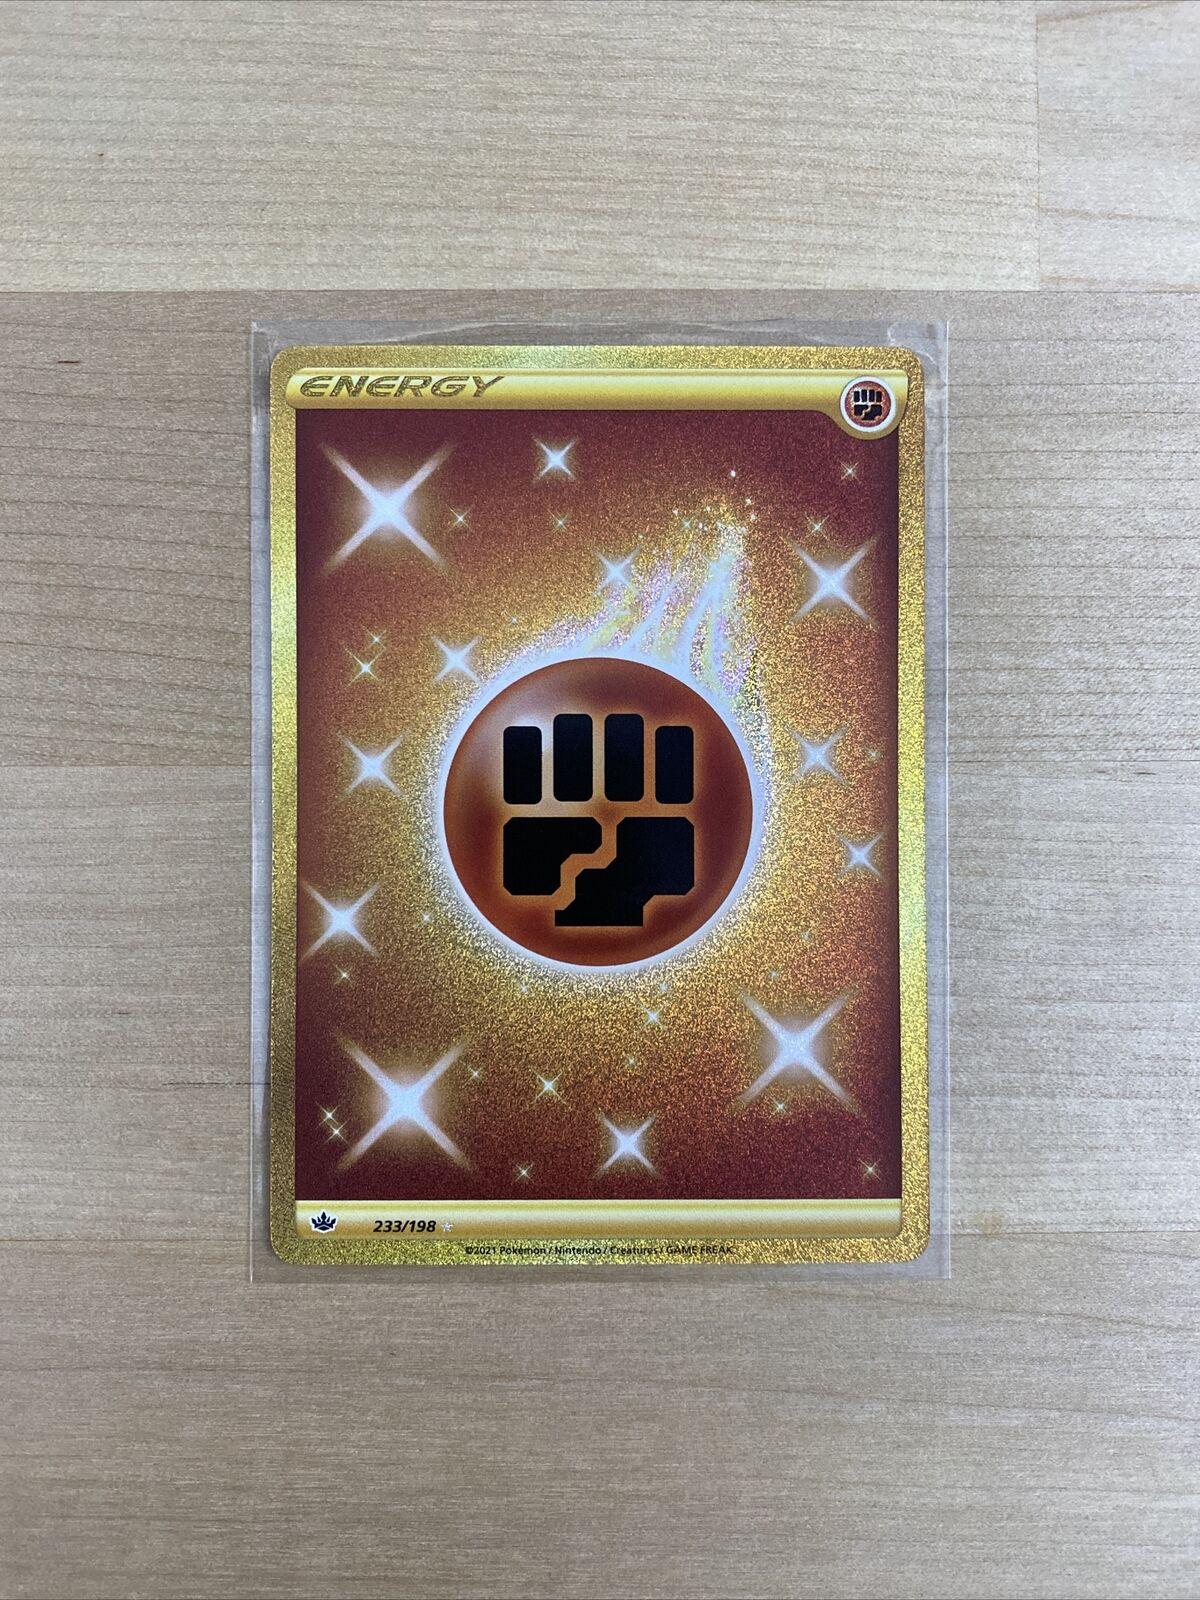 Pokemon Fighting Energy 233/198 Gold Secret Rare Chilling Reign